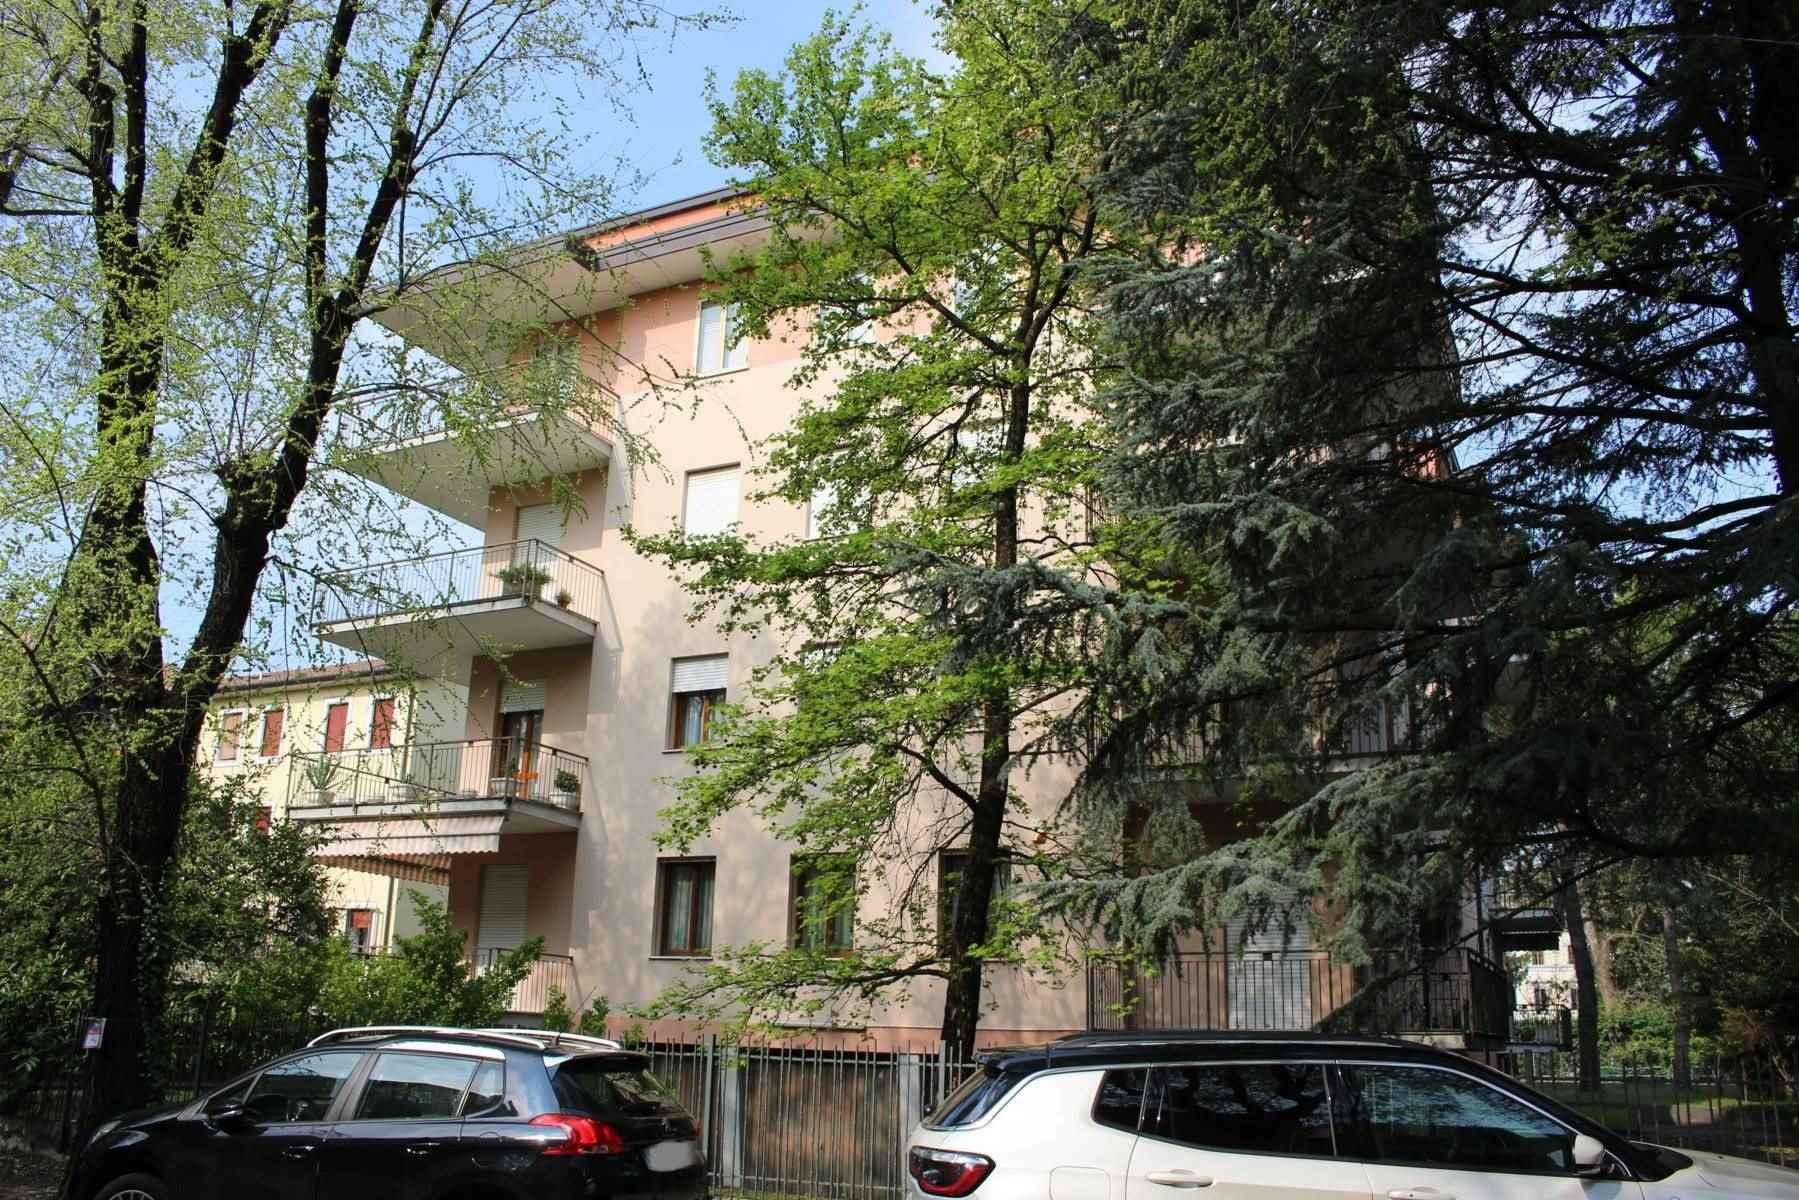 Appartamento in affitto a Treviso, 7 locali, zona Zona: Fuori Mura, prezzo € 980 | CambioCasa.it